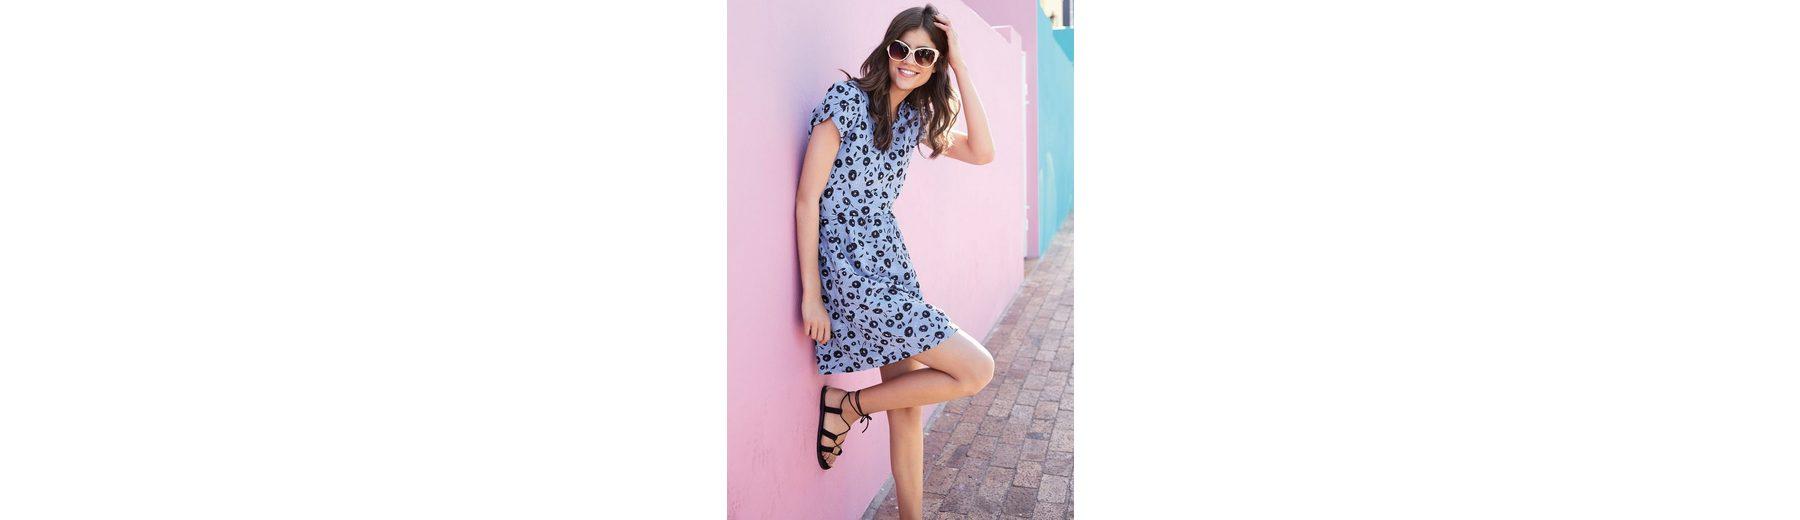 Für Billigen Rabatt Günstig Kaufen 2018 Unisex Next Strukturiertes bedrucktes Kleid Heißen Verkauf Zum Verkauf N8yG6Y3